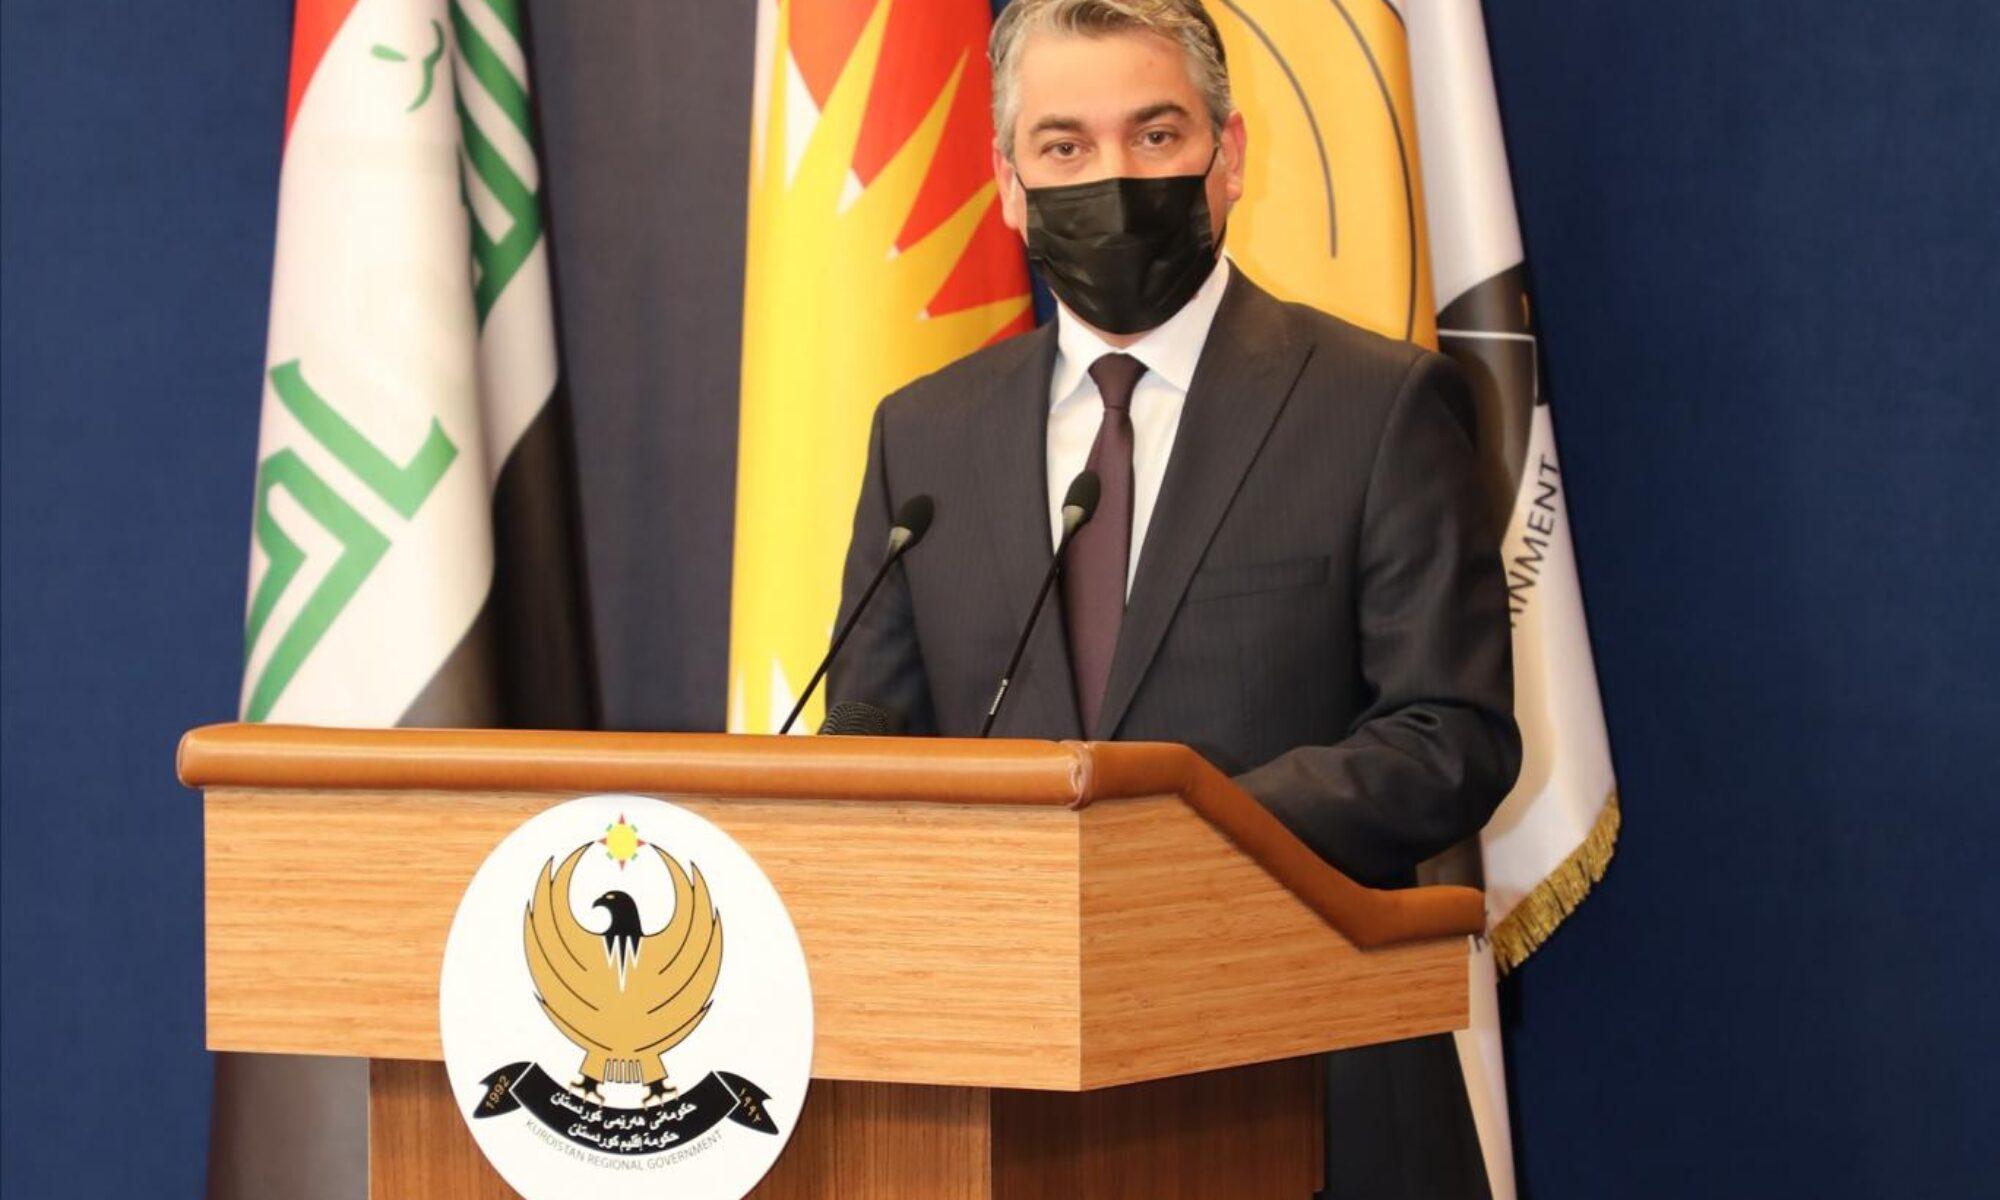 Haşdi Şabi milislerinin Erbil'i intikam hedefi gösteren açıklamalarına Hükümet Sözcüsü Cotyar'dan cevap geldi